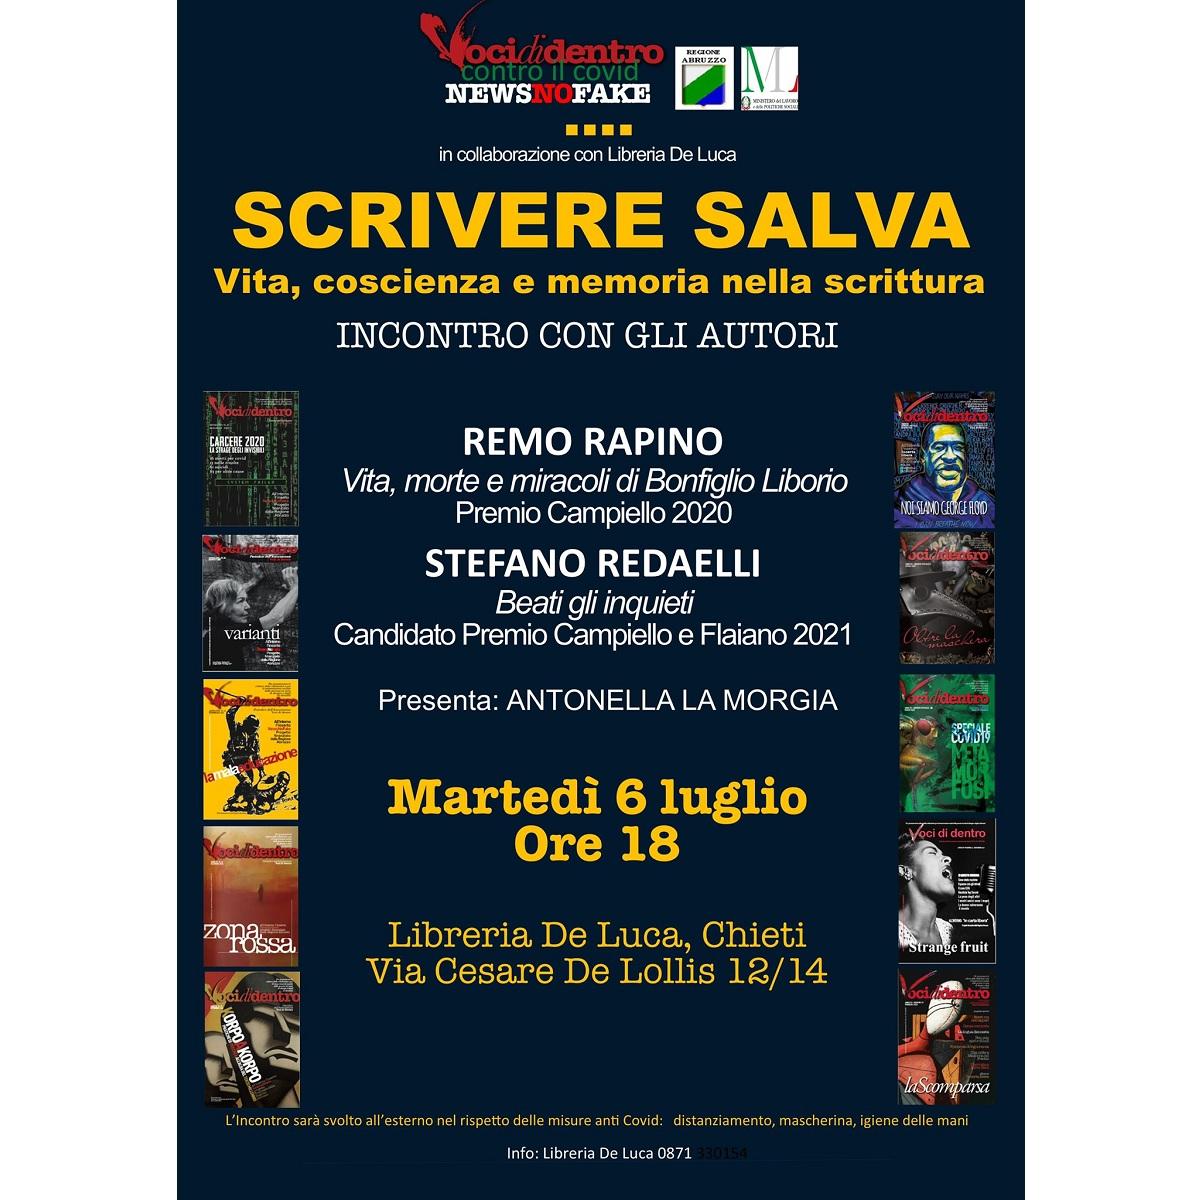 Incontro con Remo Rapino e Stefano Redaelli a Chieti 6 luglio 2021 foto